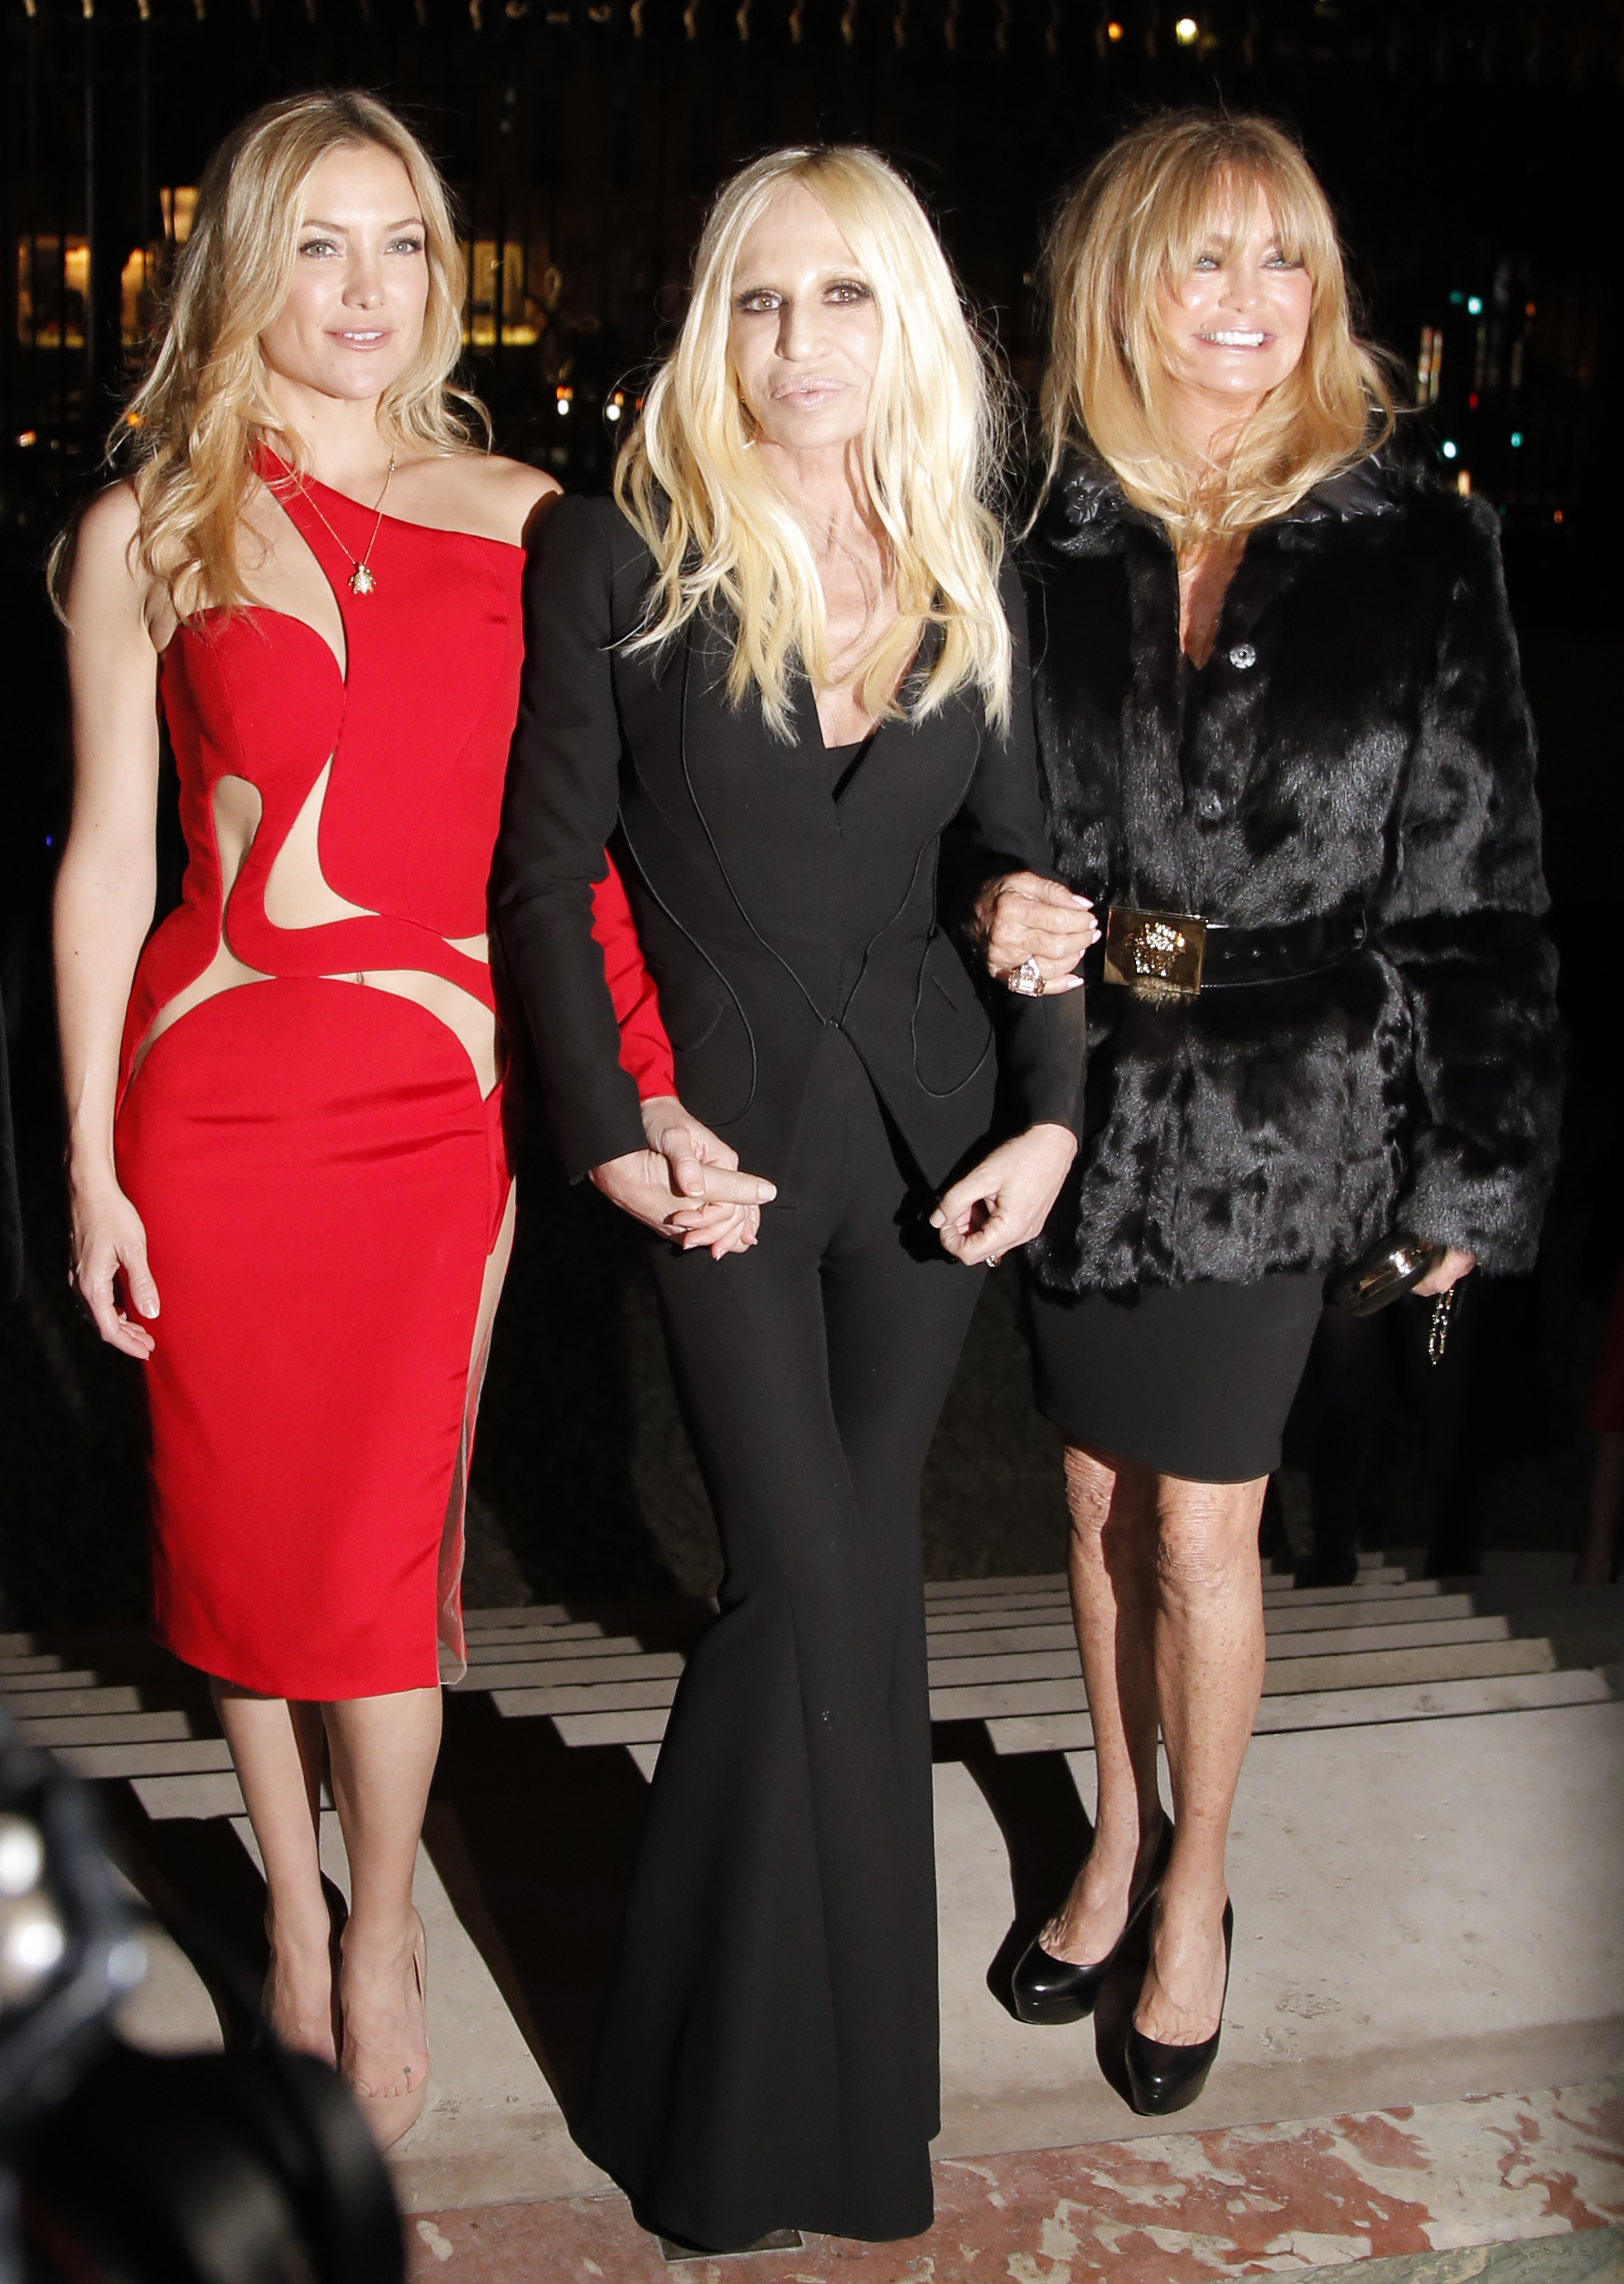 Кейт Хадсон (слева) с дизайнером Донетеллой Версаче (посередине) и актрисой Голди Хоун